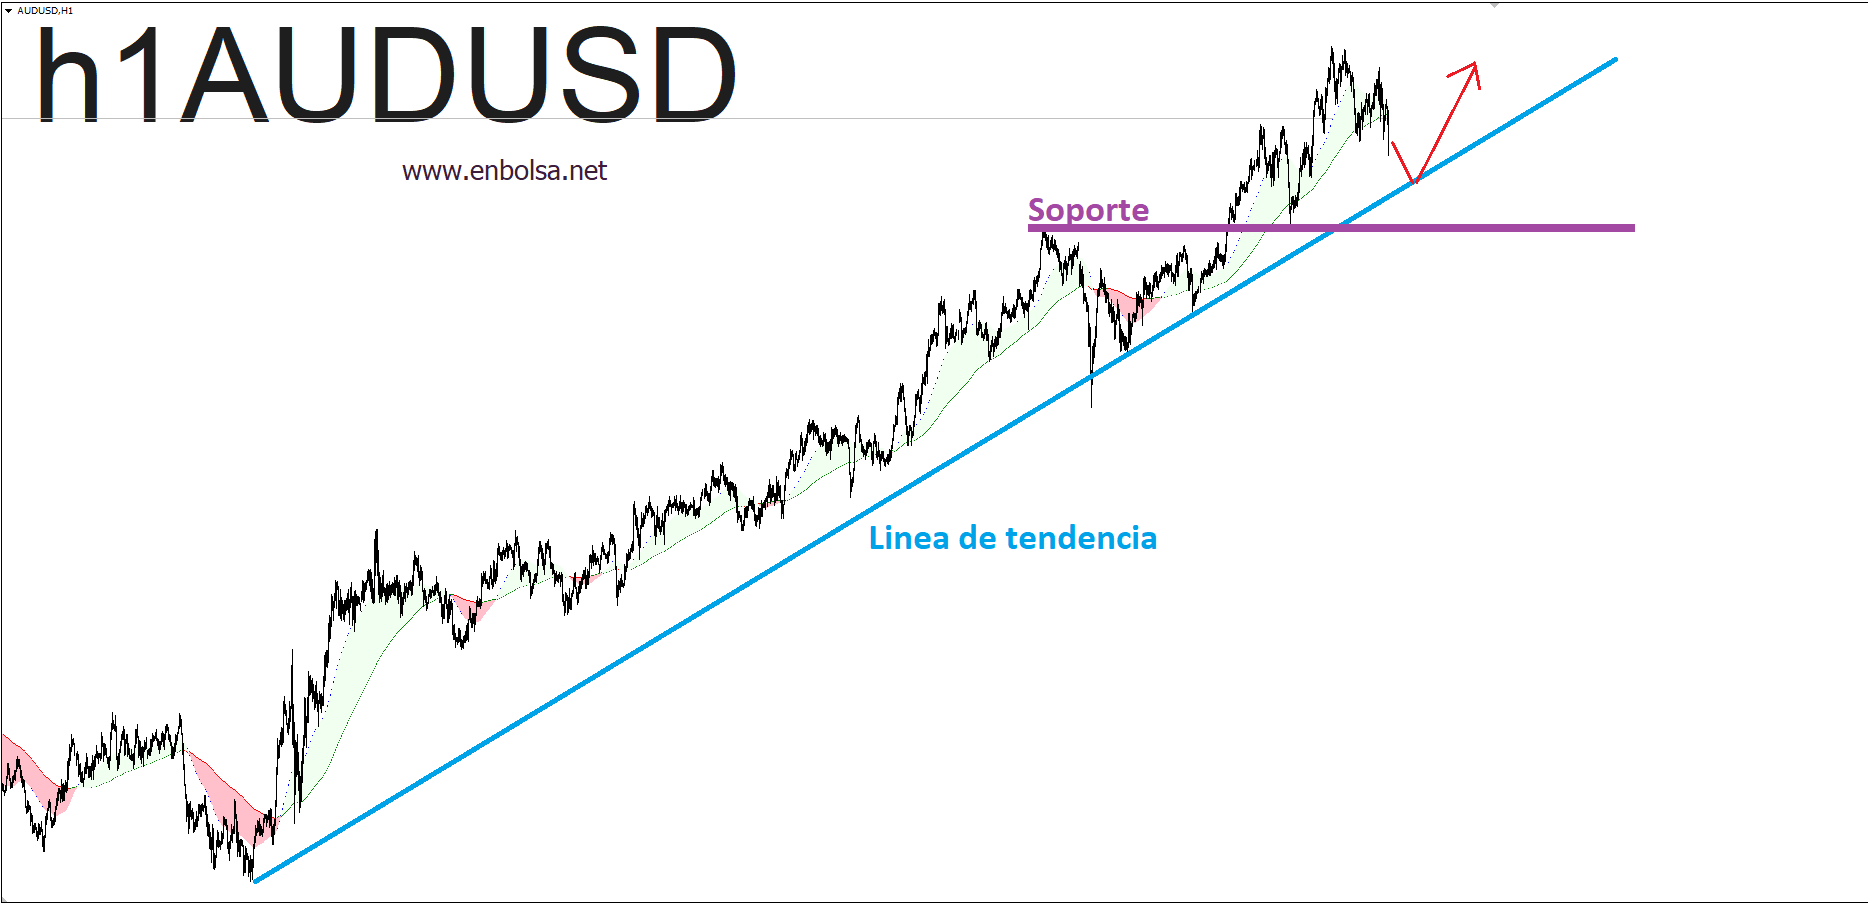 AUDUSD Diseñando una operación de swing trading